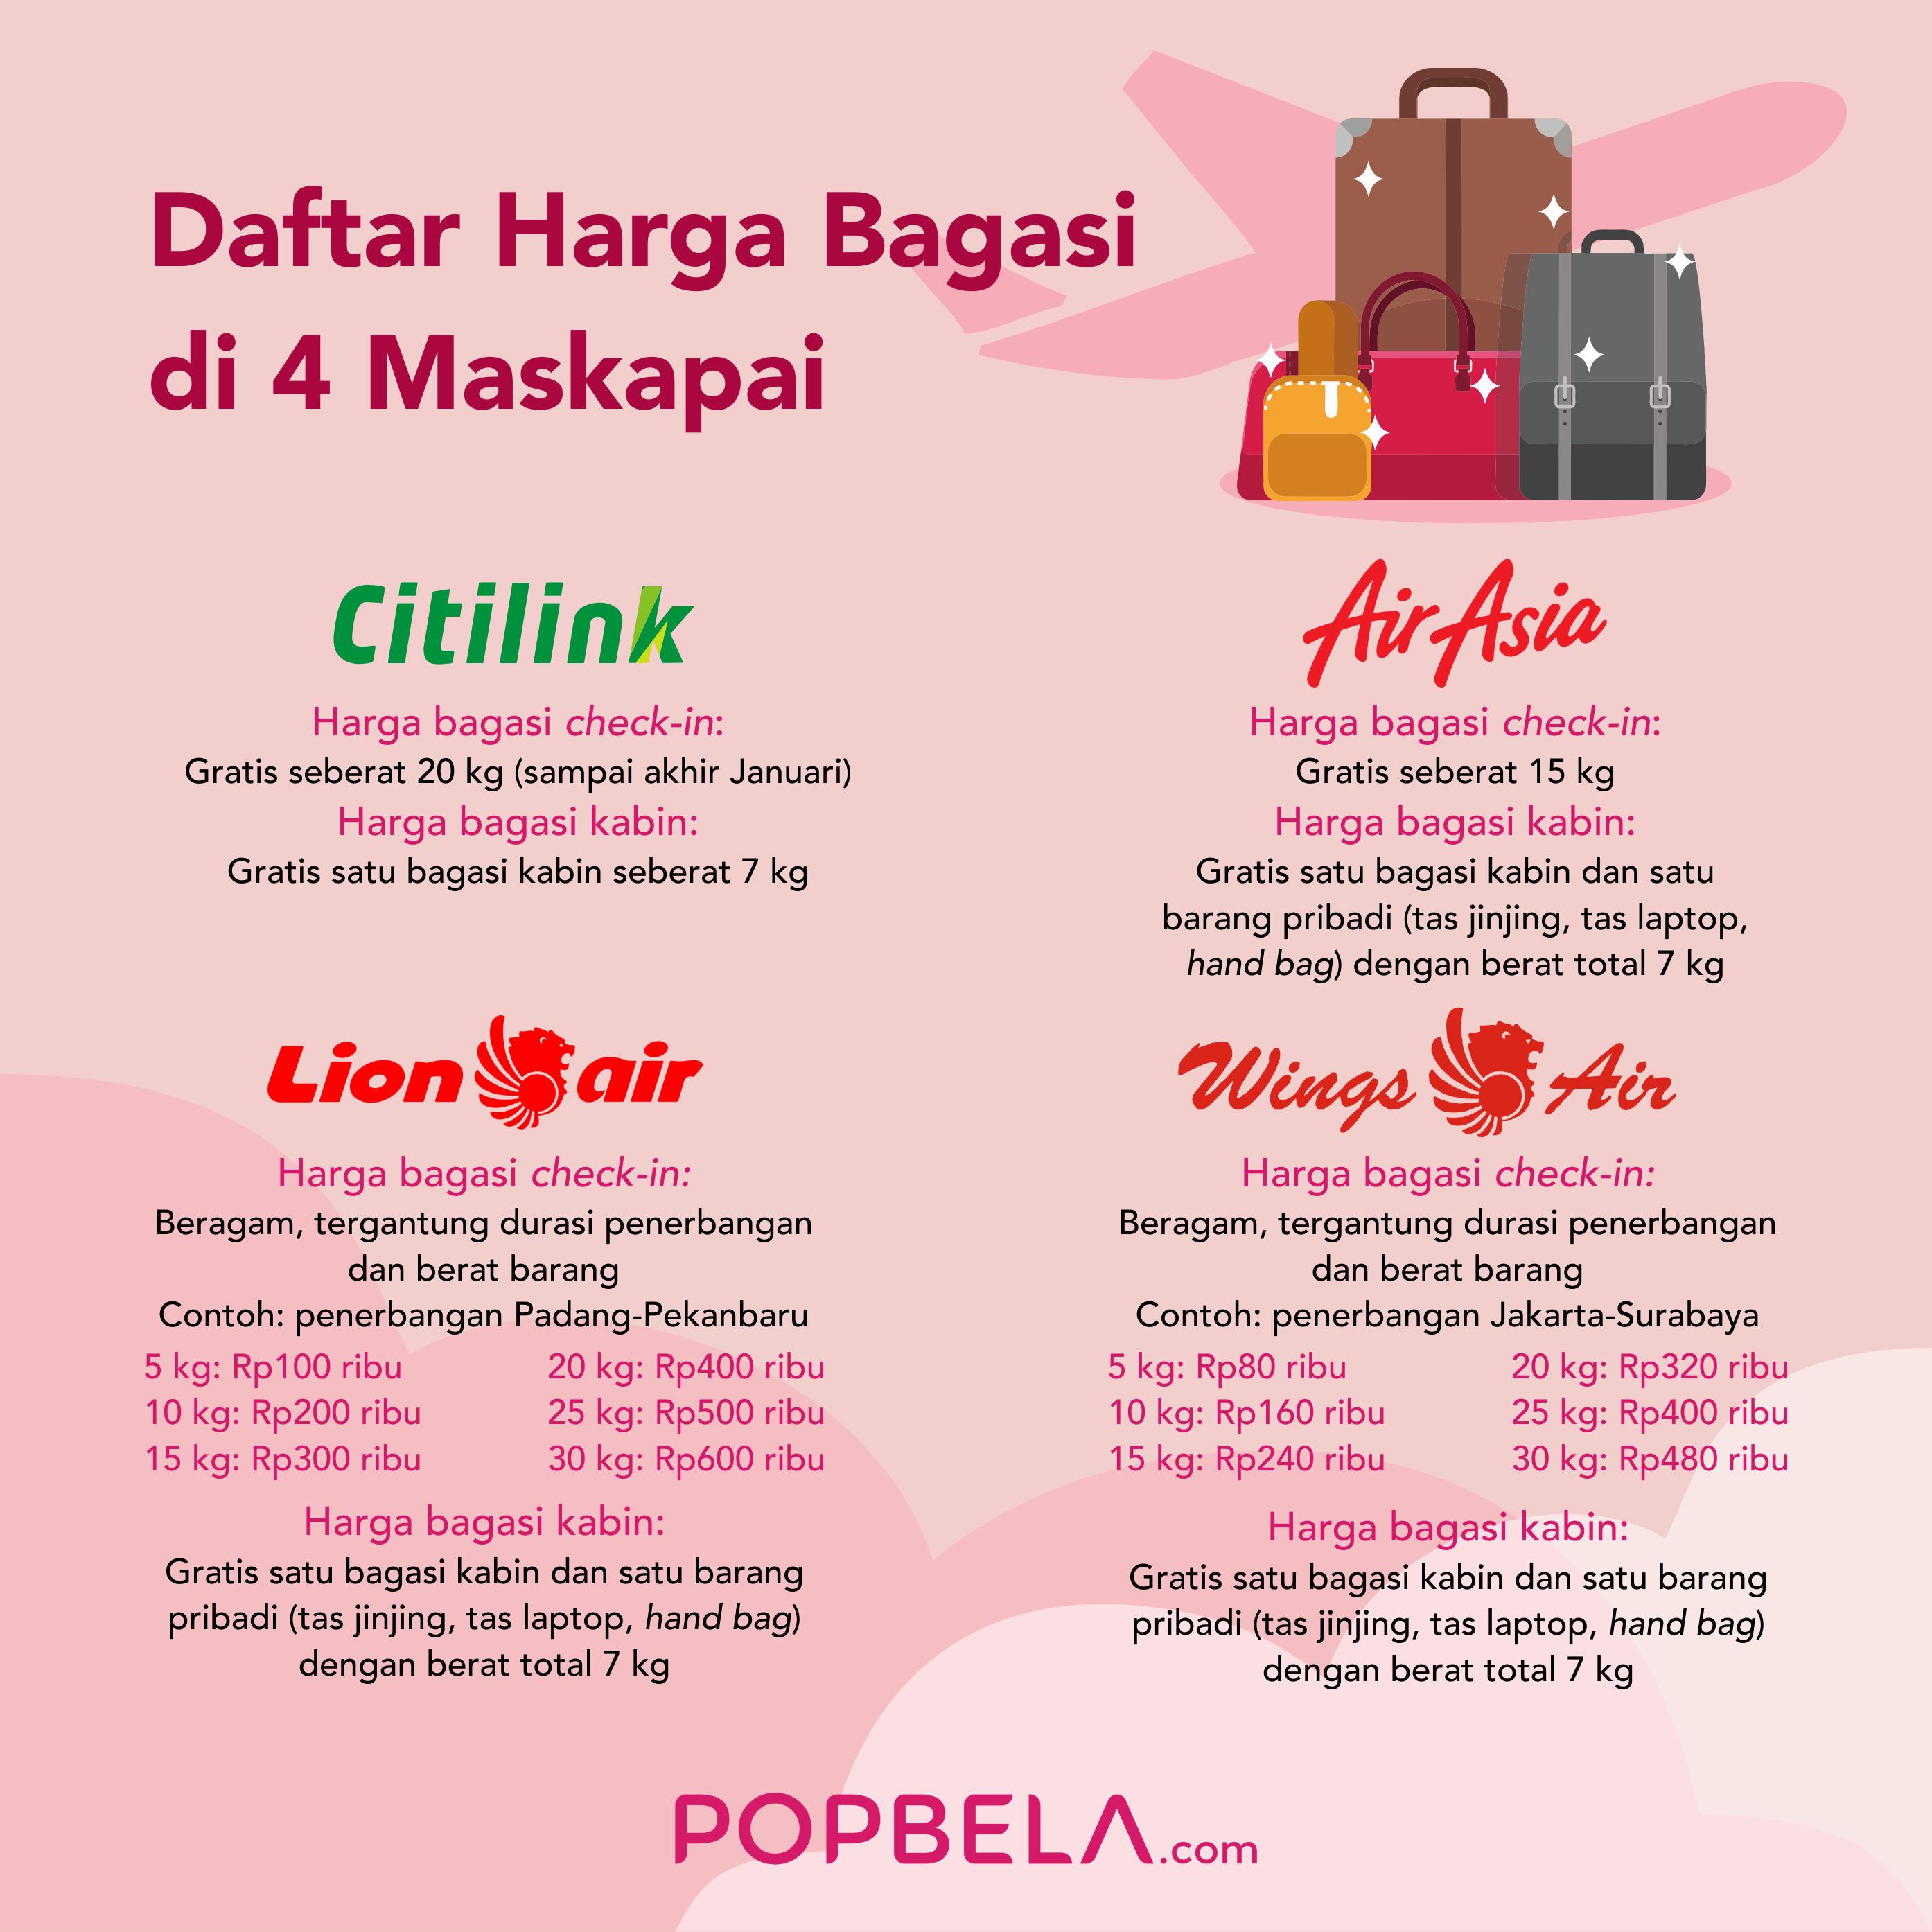 Beda Maskapai Beda Harga Bagasi Yang Ditetapkan Simpan Bila Perlu Popbelagrafis Infografis Lowcost Airplane Indonesia Infografis Kabin